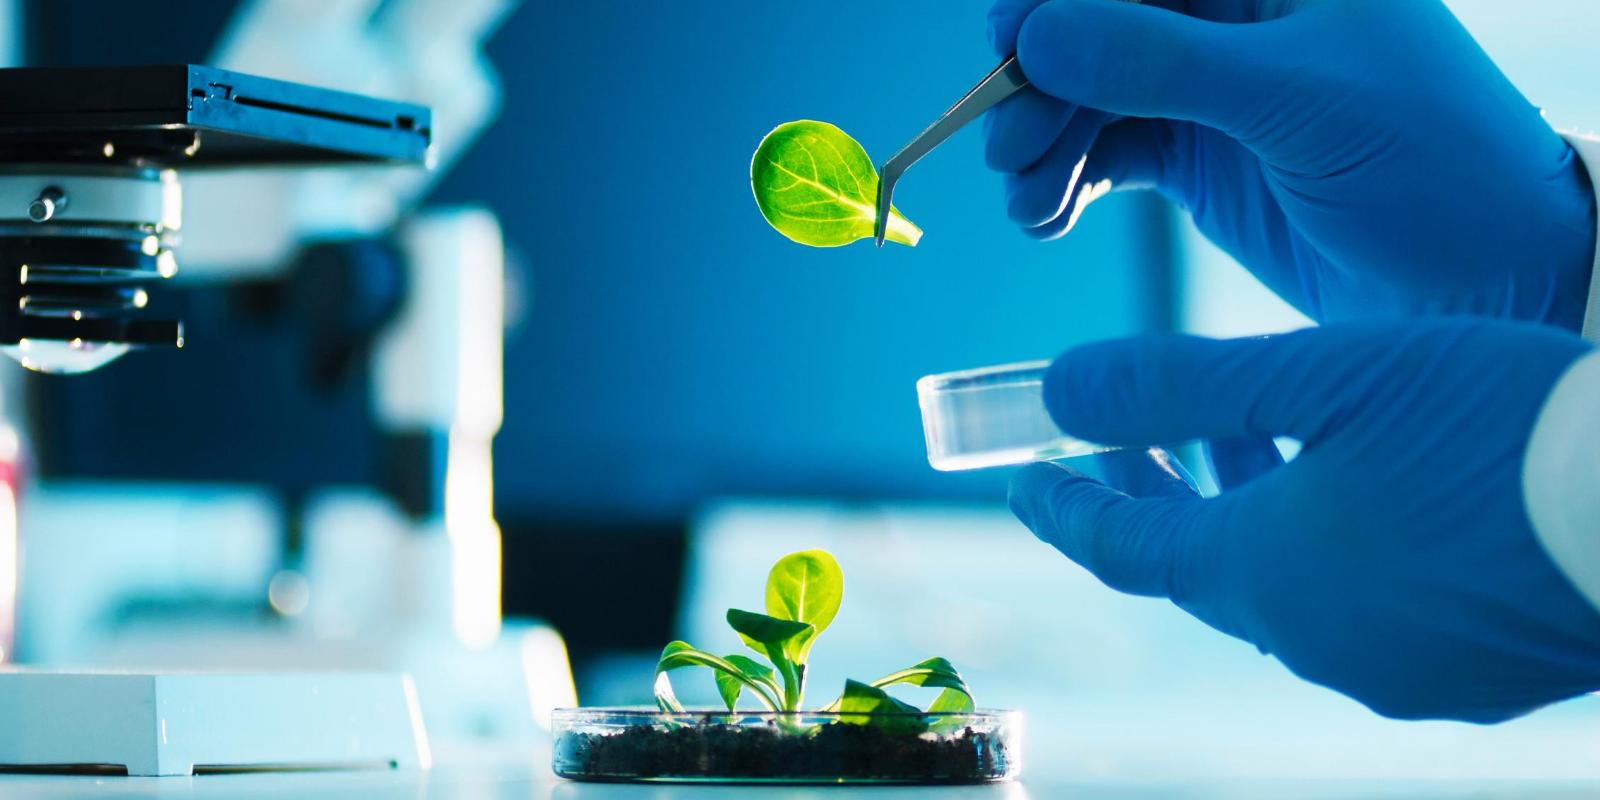 Imagem: Artigo: Como transformar conhecimento científico em inovação?